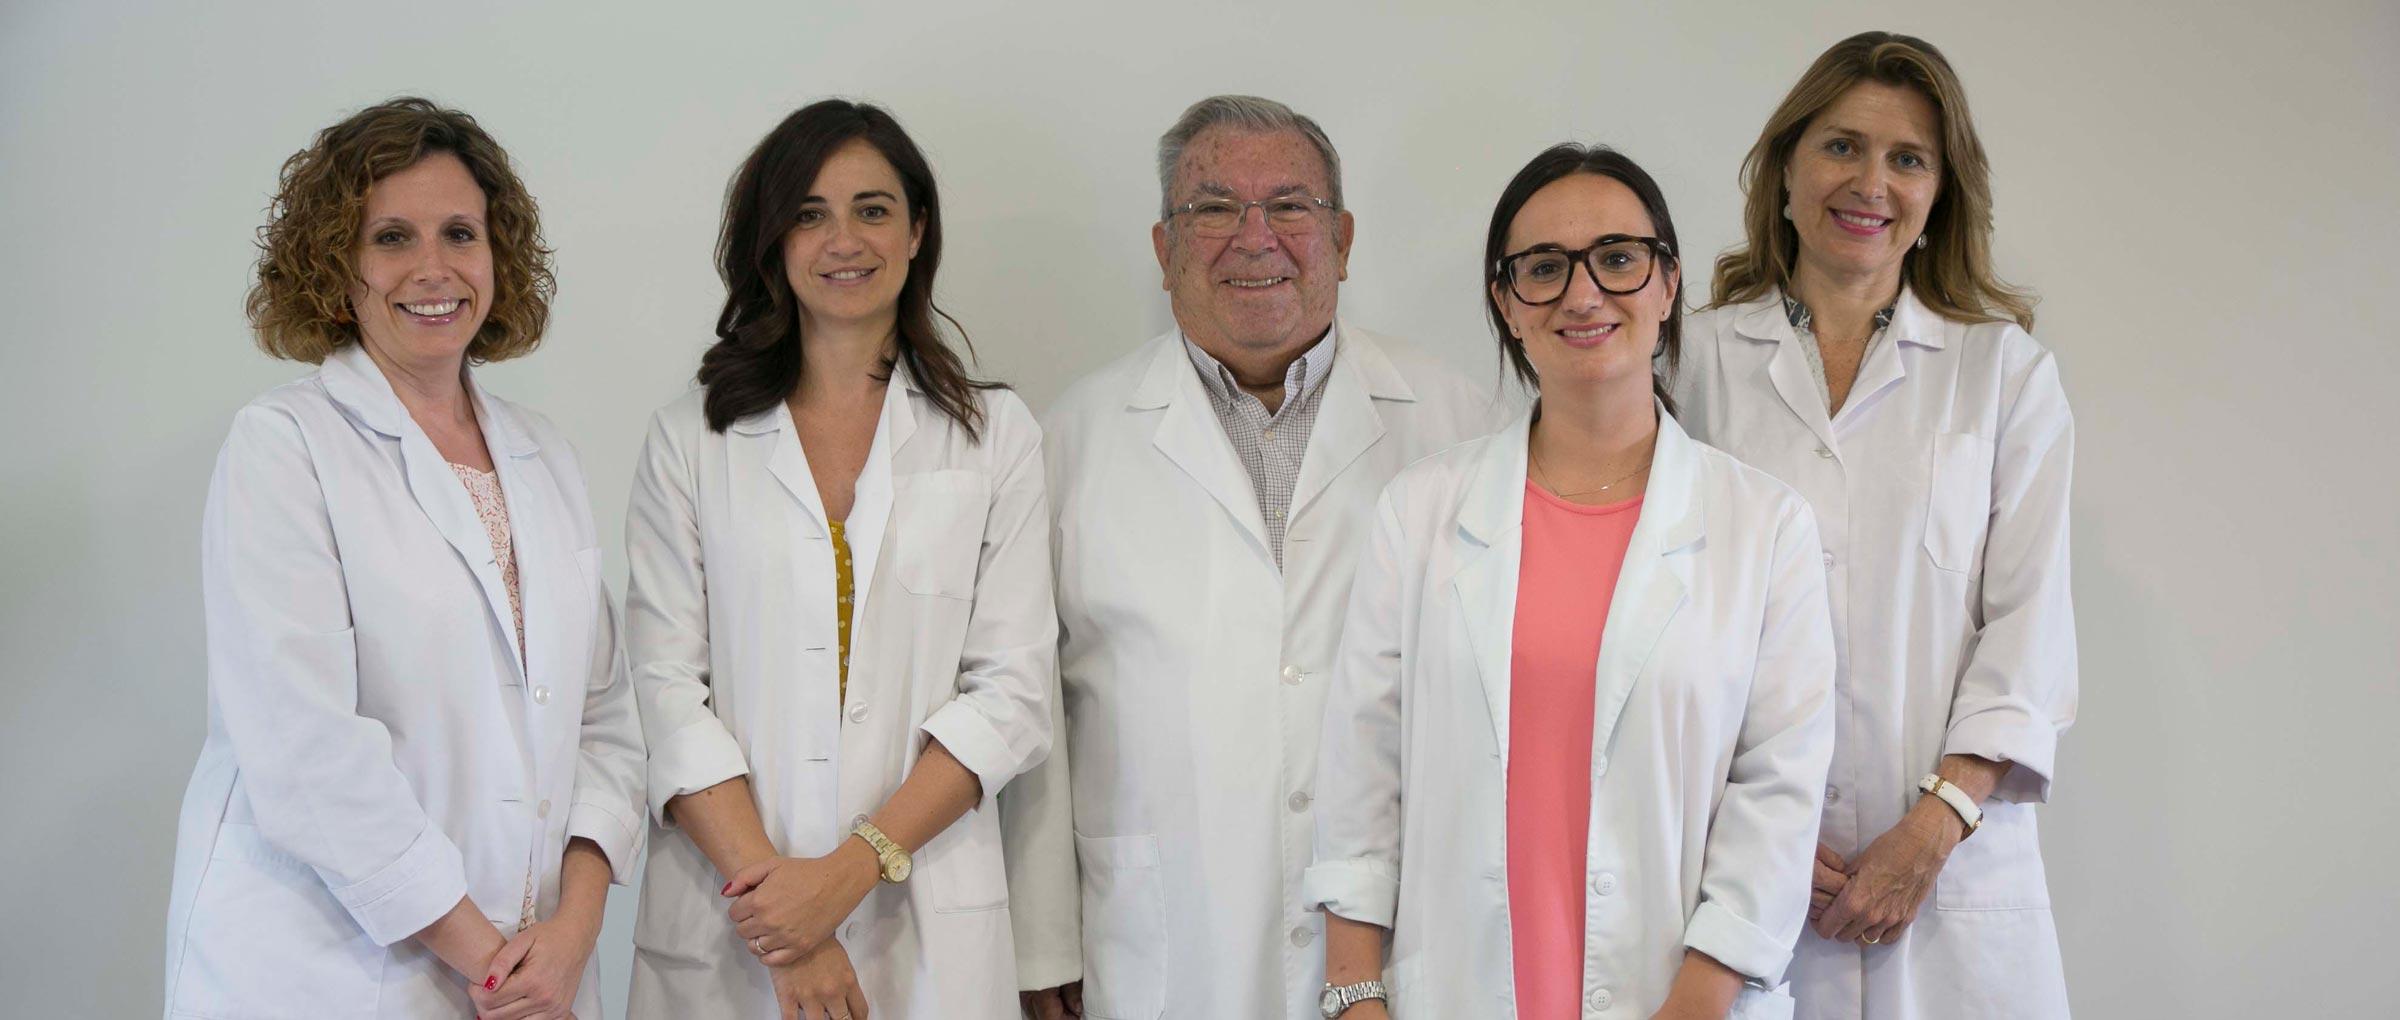 installacions clinica Tambre (14)